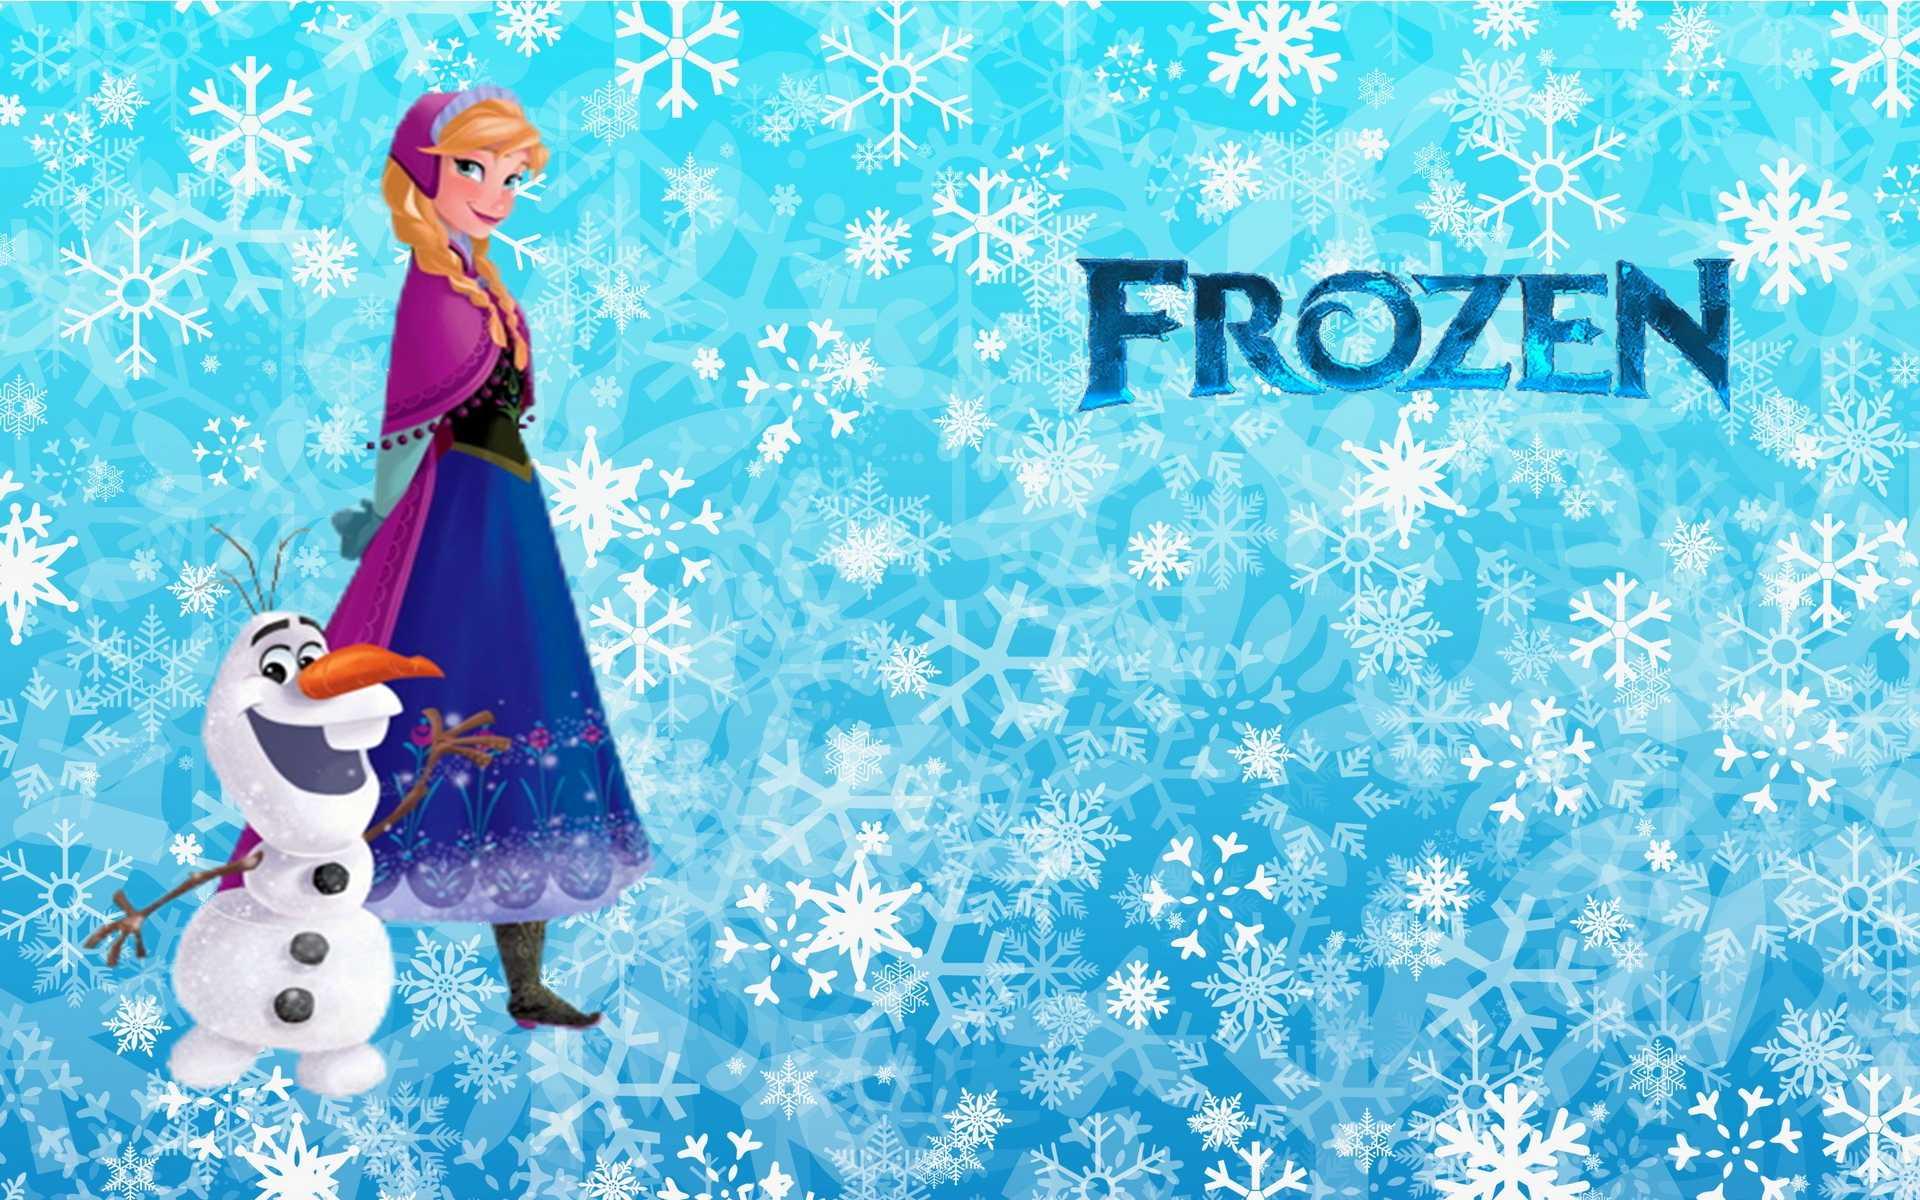 アナと雪の女王 壁紙 アナと雪の女王 壁紙 ファンポップ Page 11